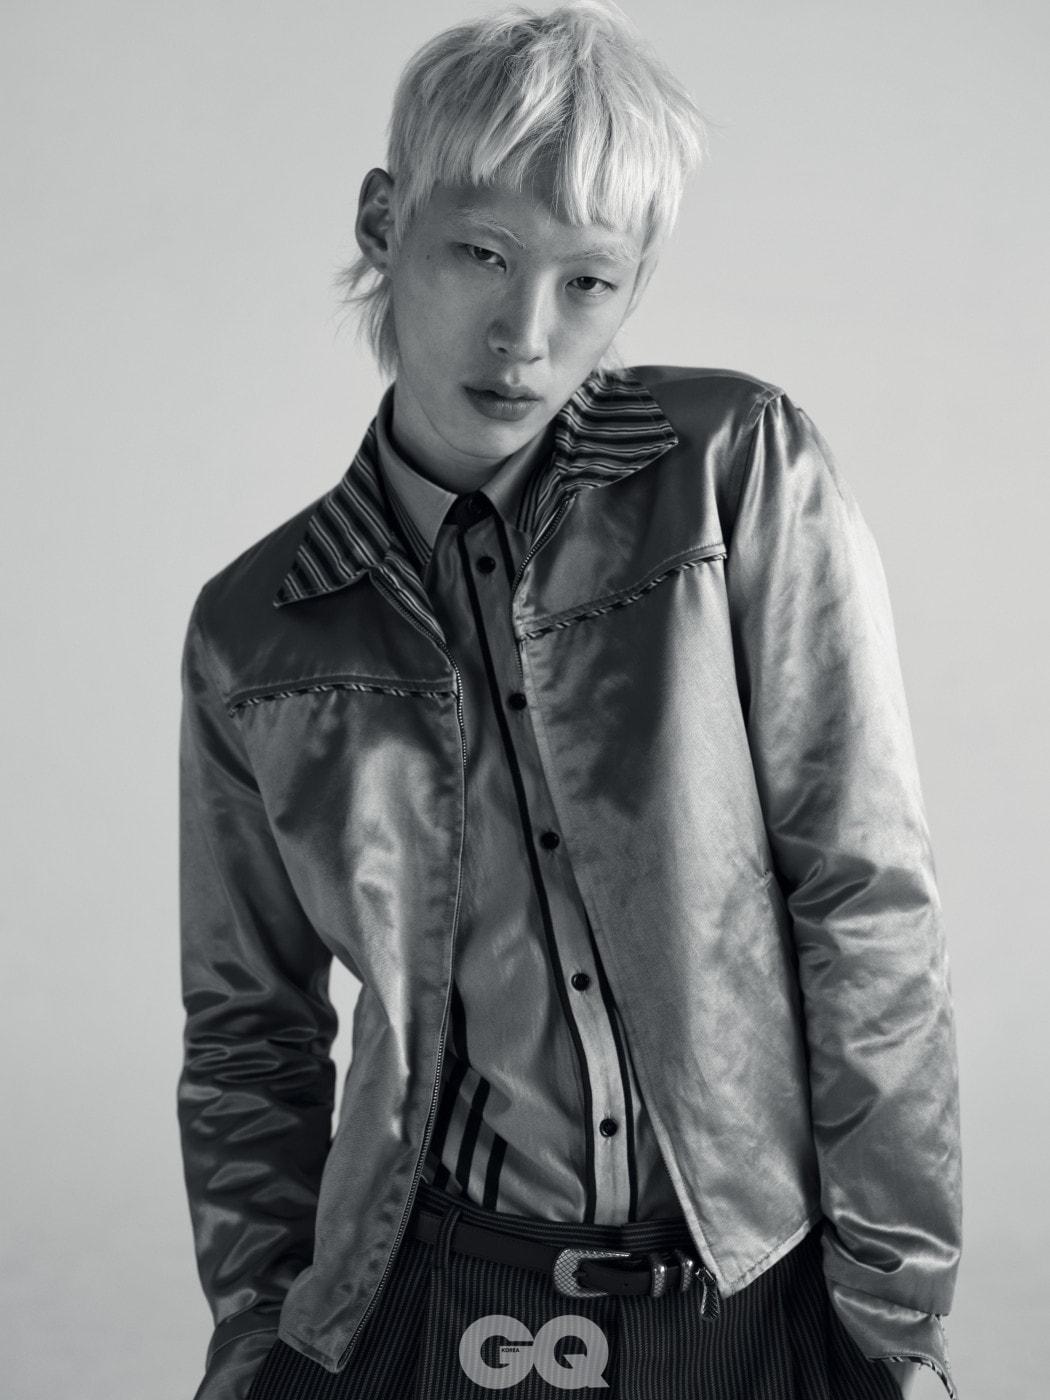 실크 재킷 가격 미정, 셔츠 95만원, 팬츠와 벨트 가격 미정, 모두 보테가 베네타.